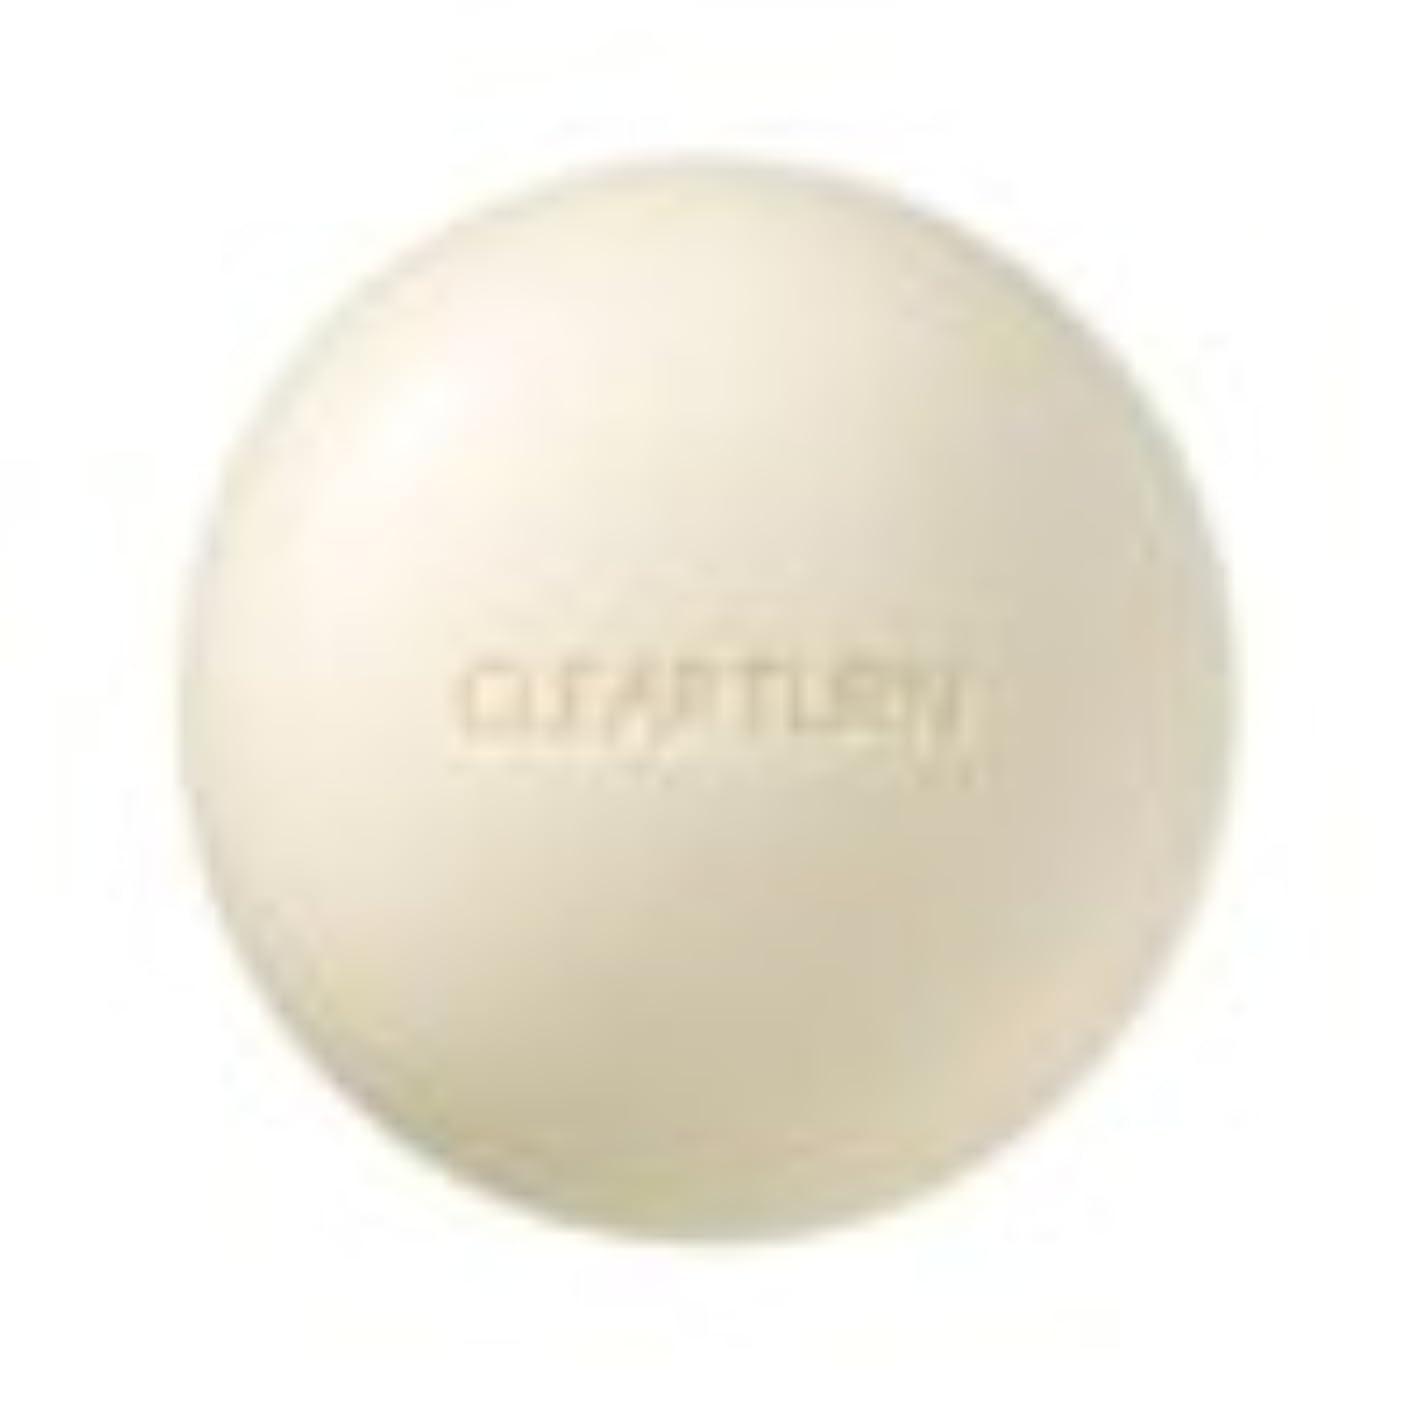 ライトニングメイト驚かすクリエ クリアターン EX クリアスムースソープ 100g 洗顔石鹸 無香料